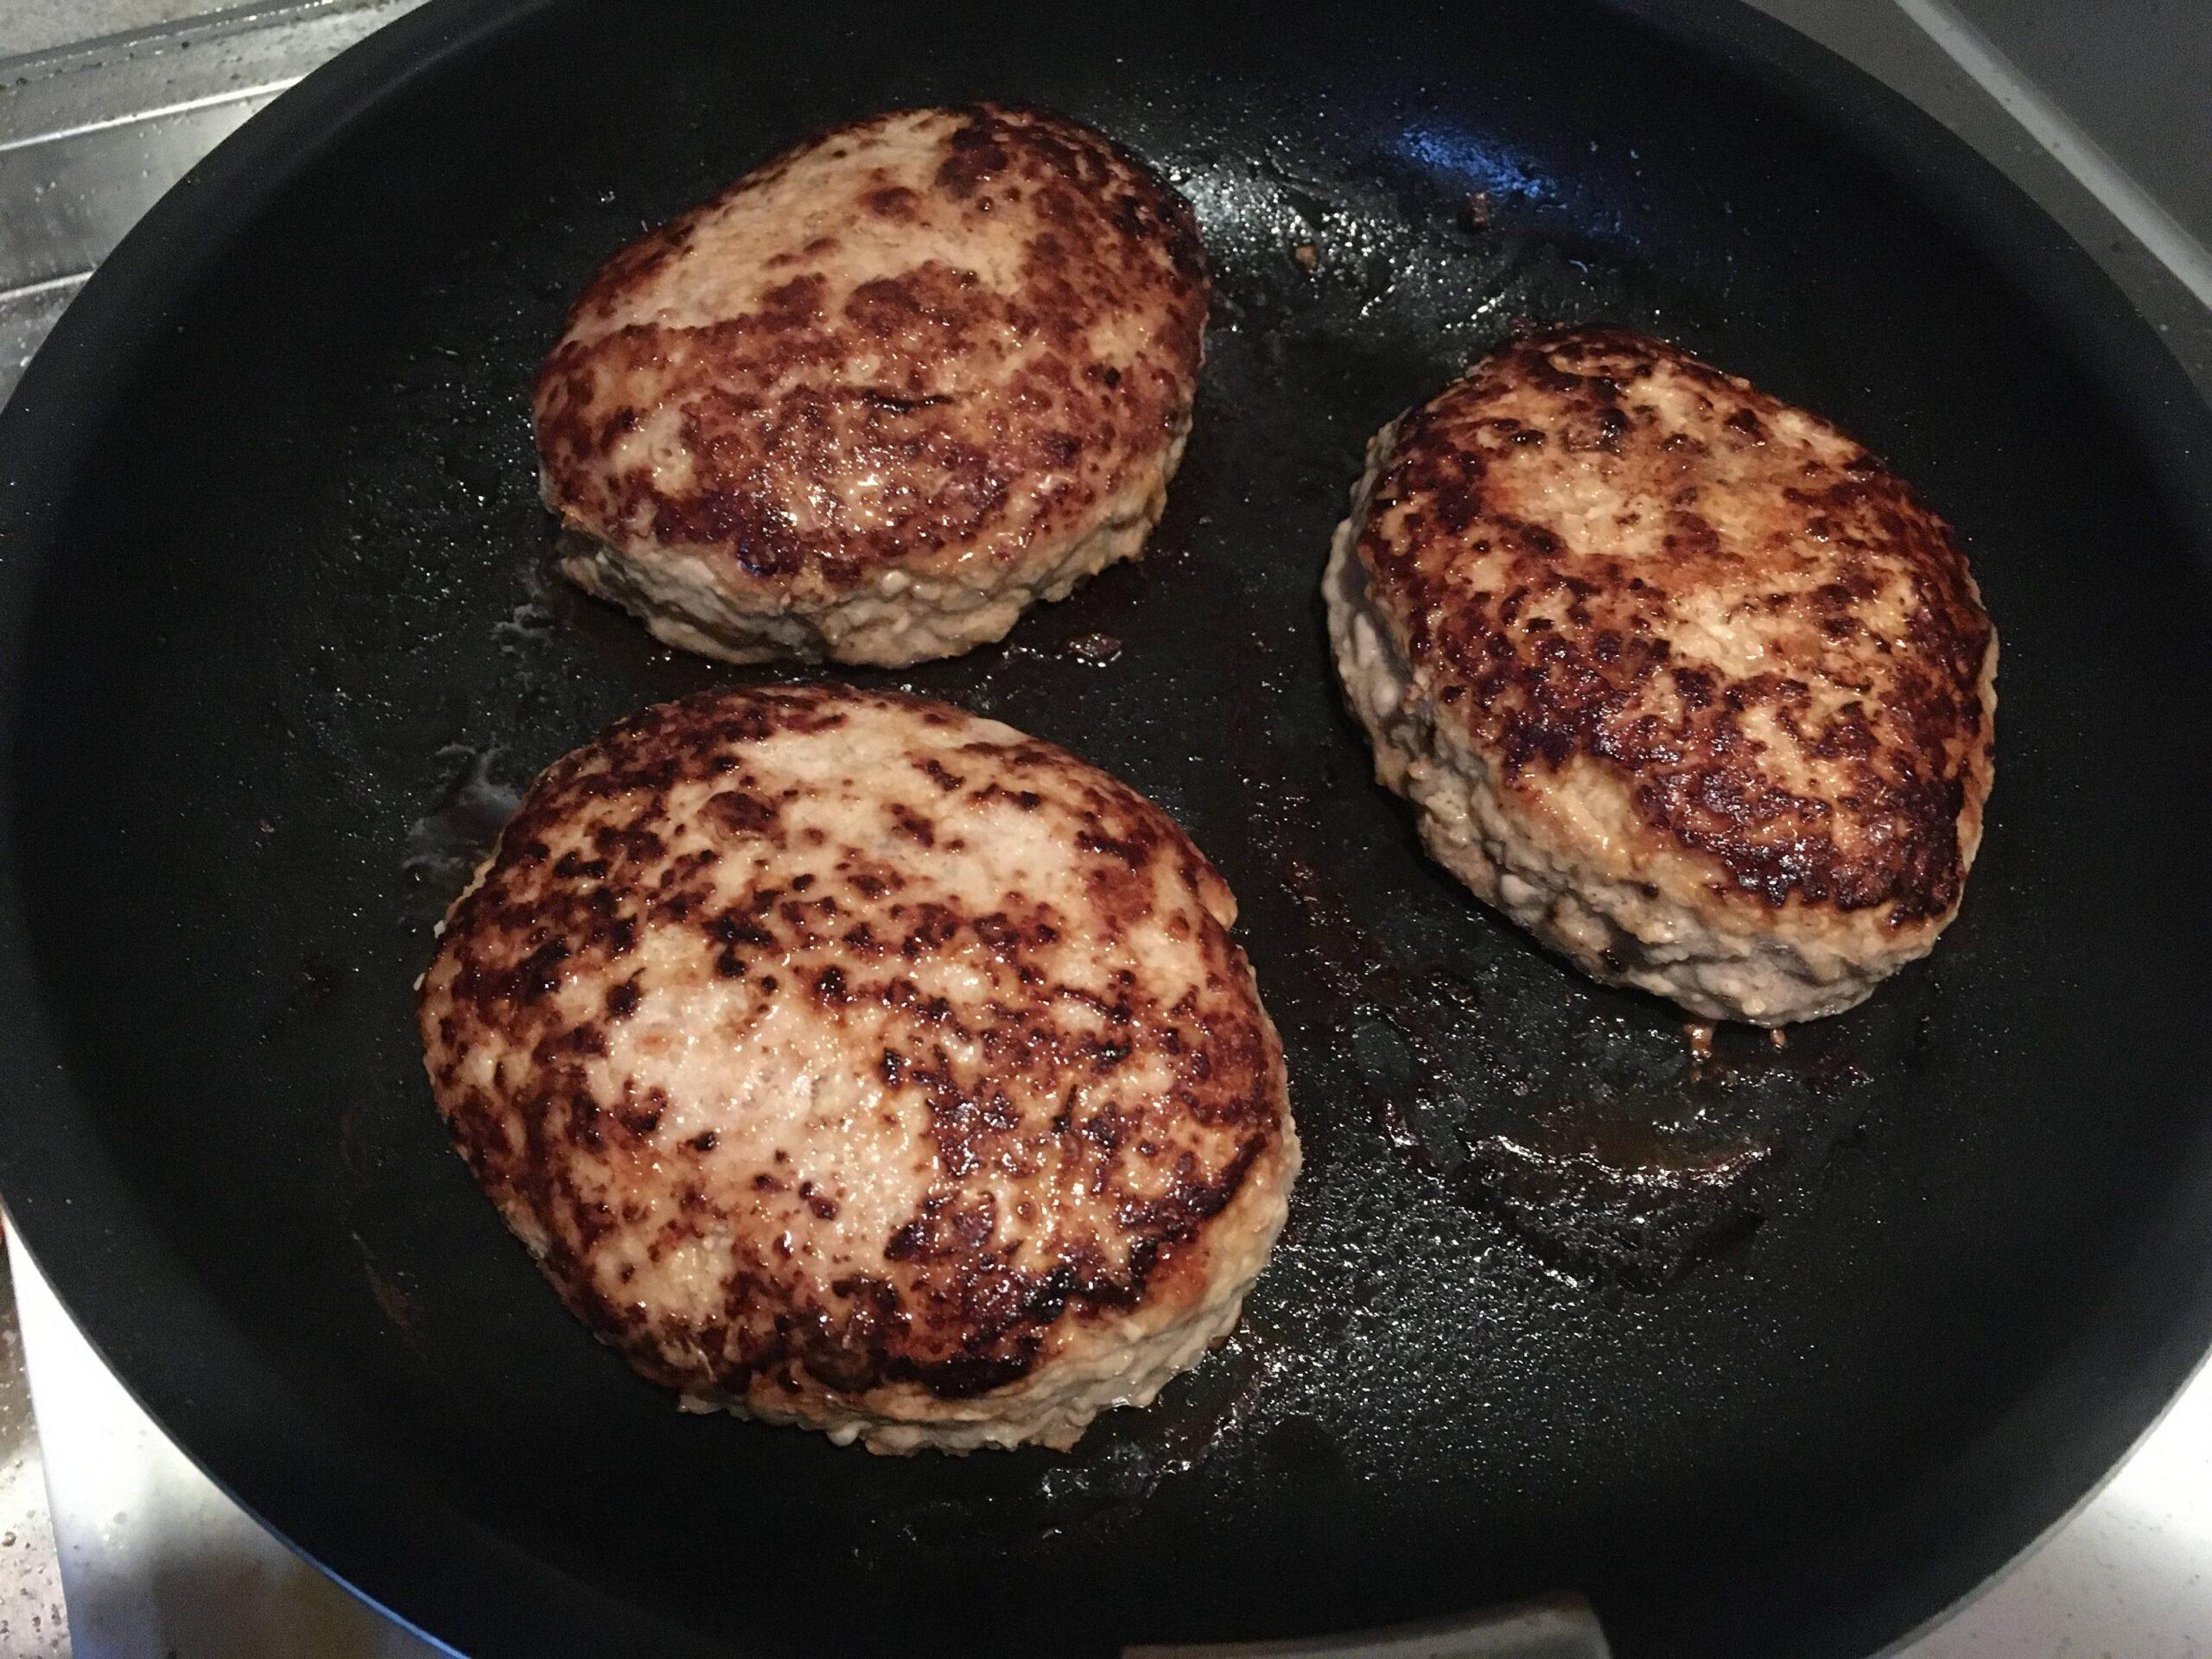 【画像】ワイ、朝から朝飯を作ってしまう